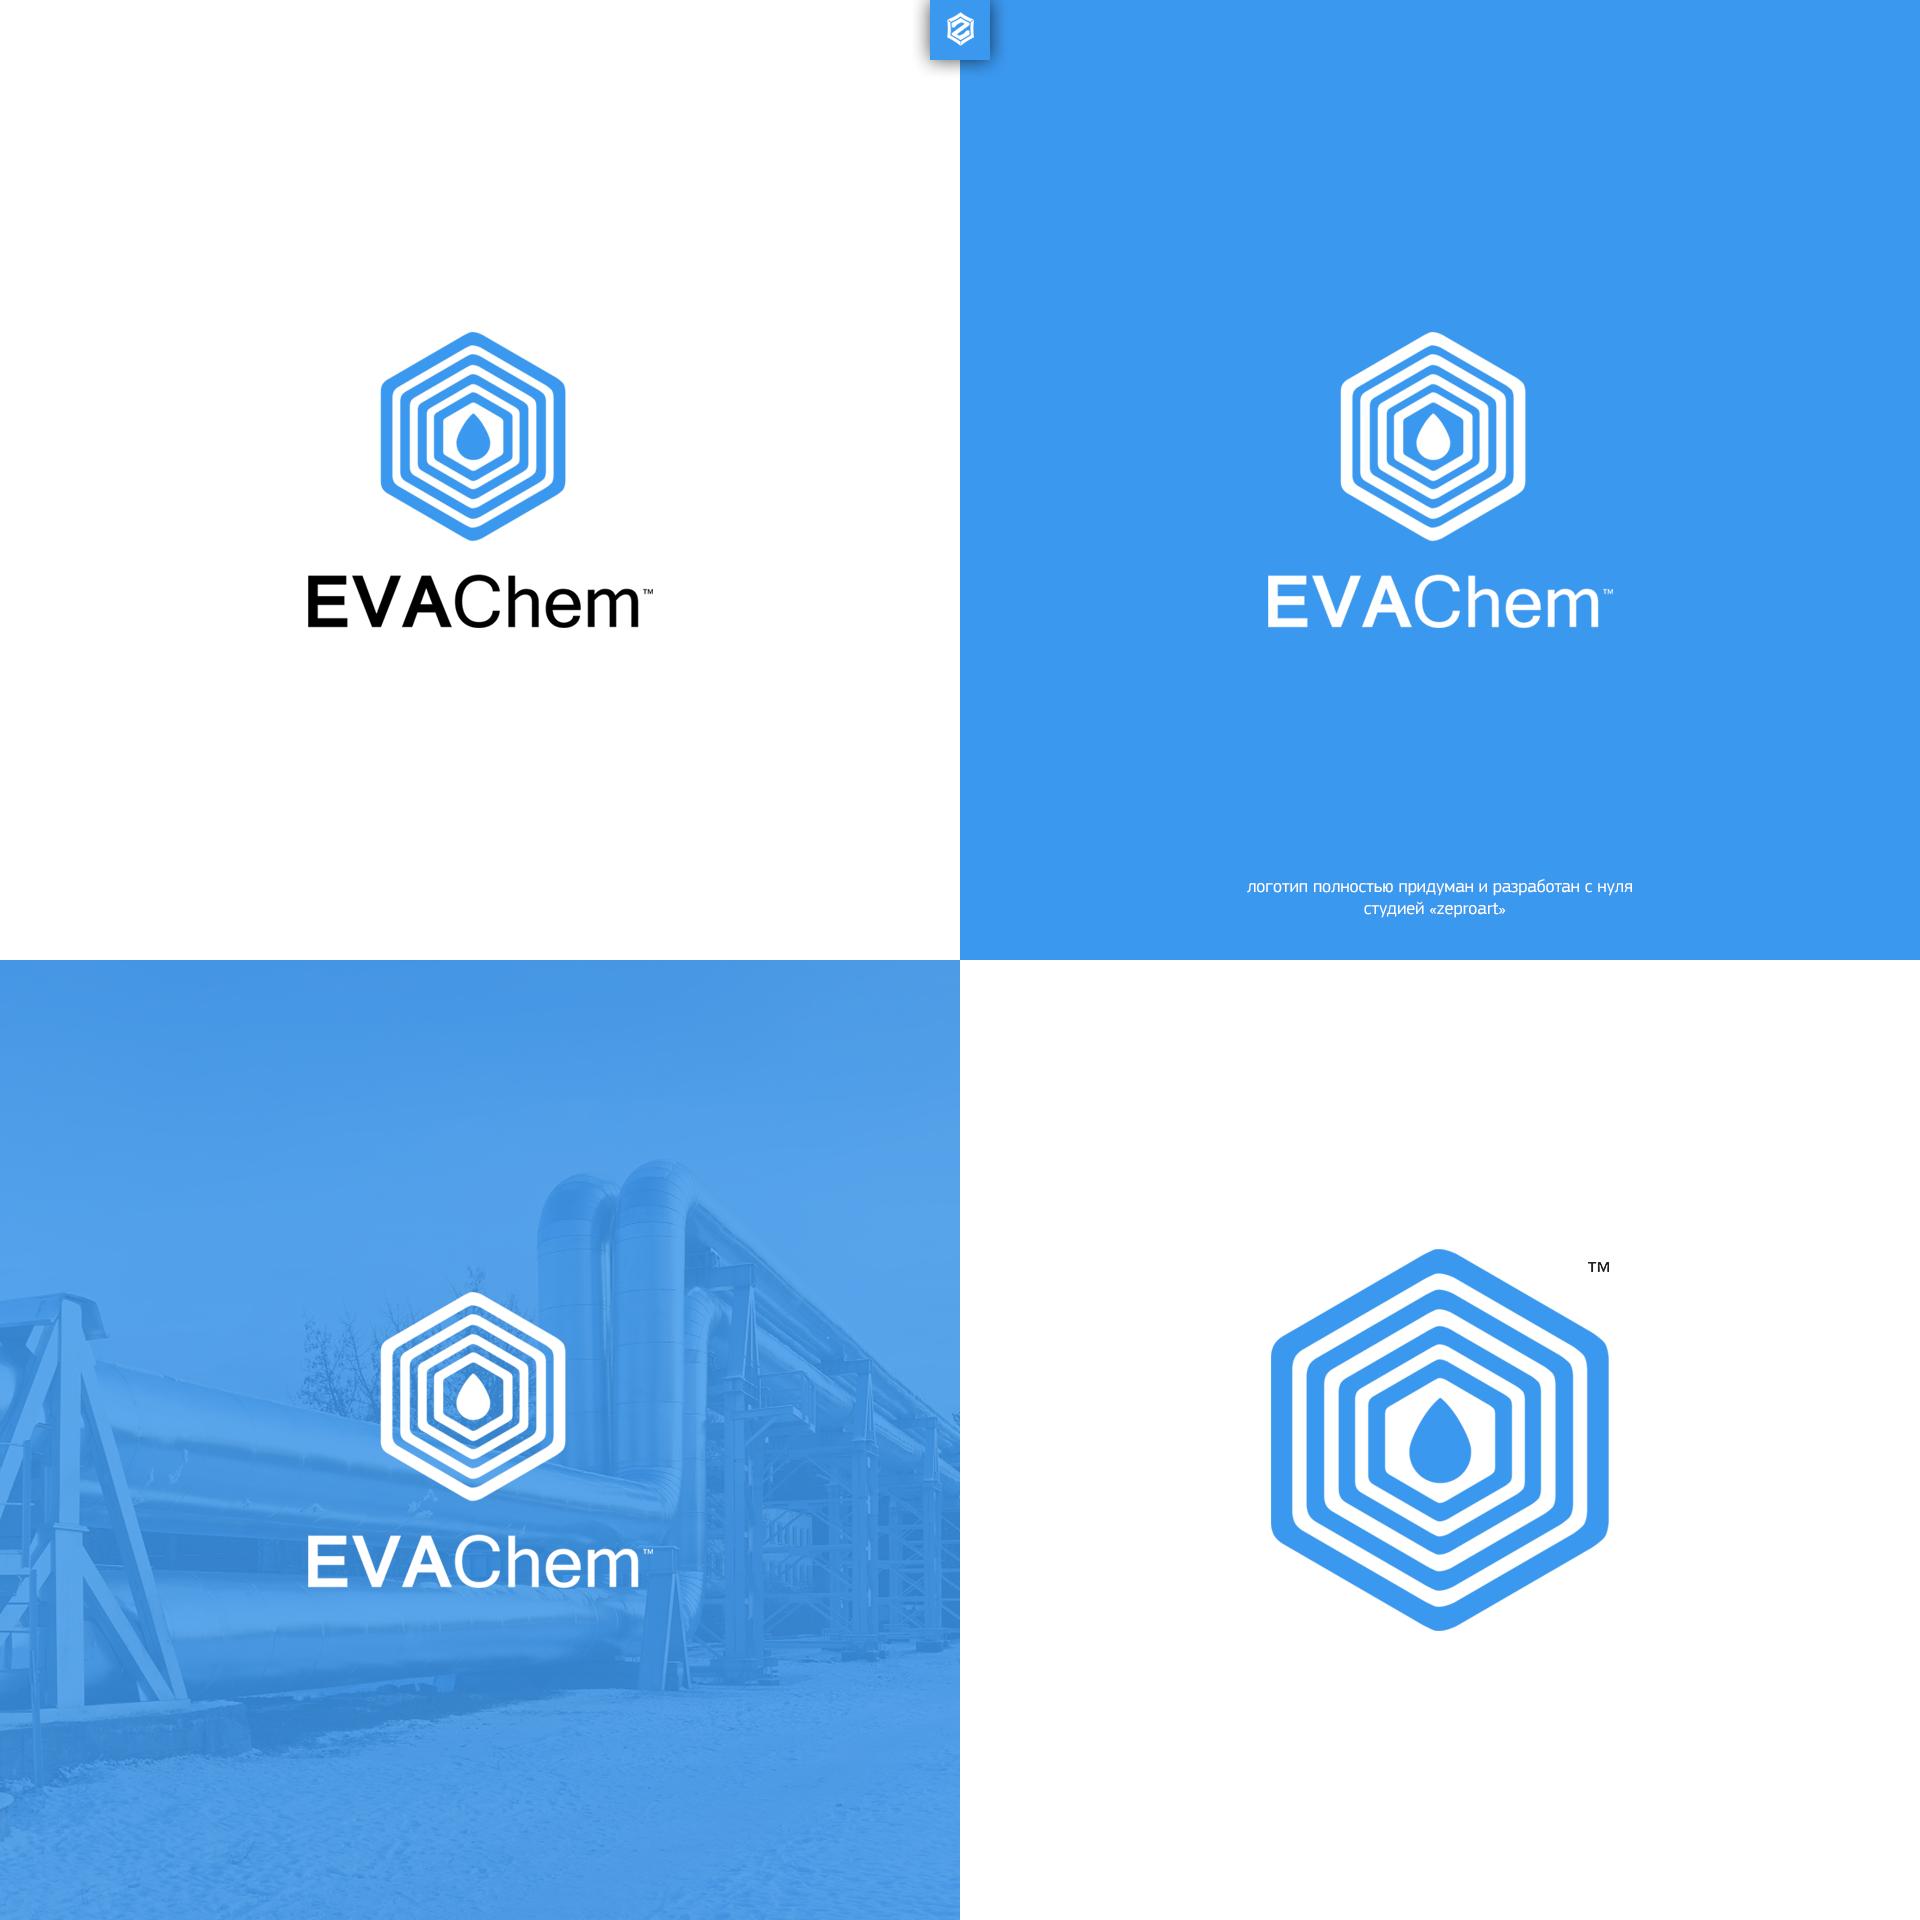 Разработка логотипа и фирменного стиля компании фото f_11357238b8fce5de.png